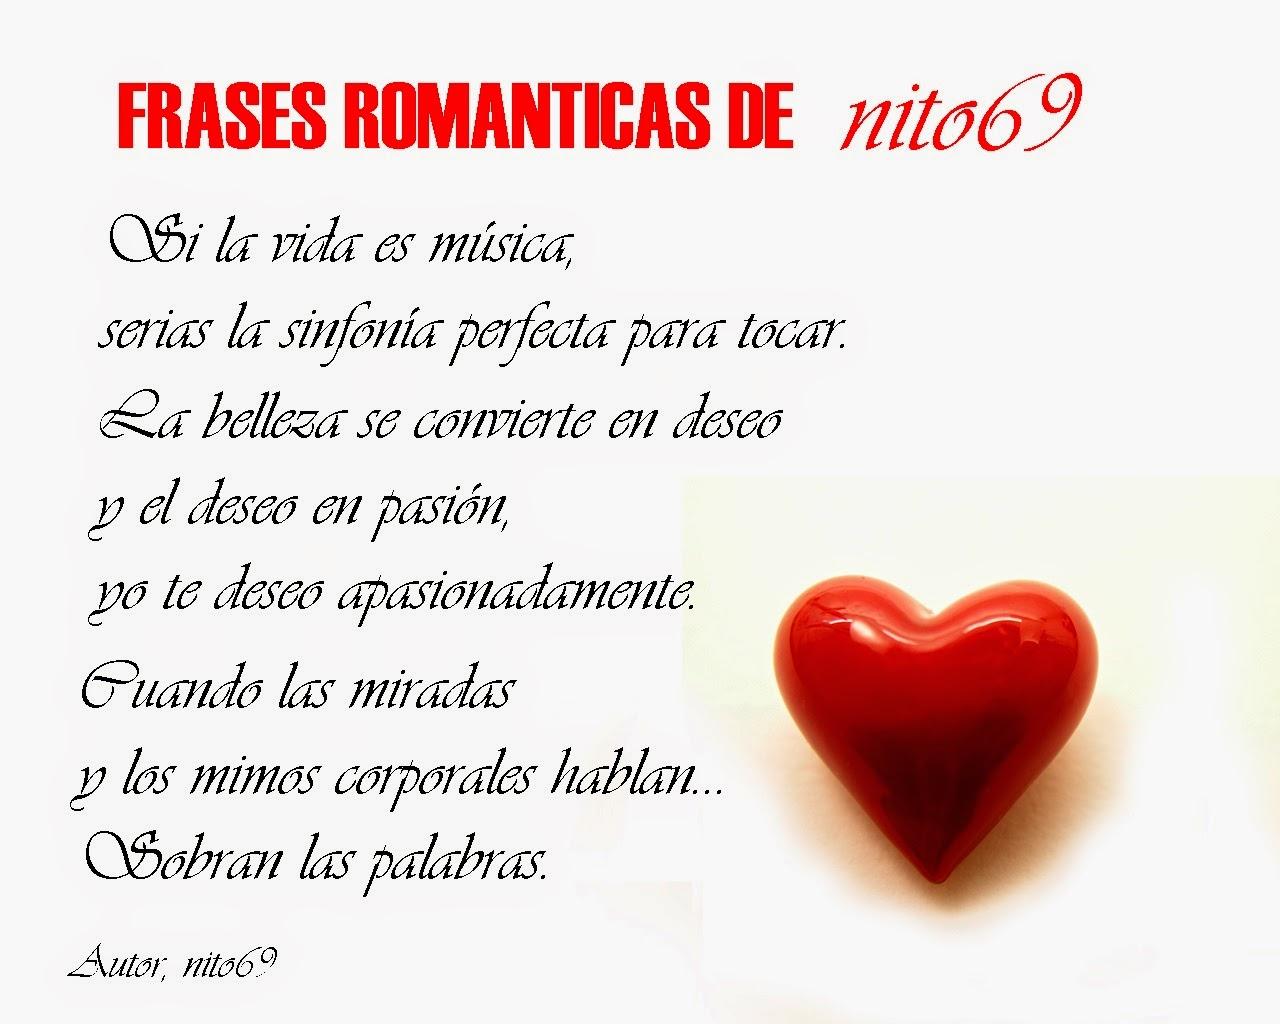 FRASES ROMANTICAS DE nito69